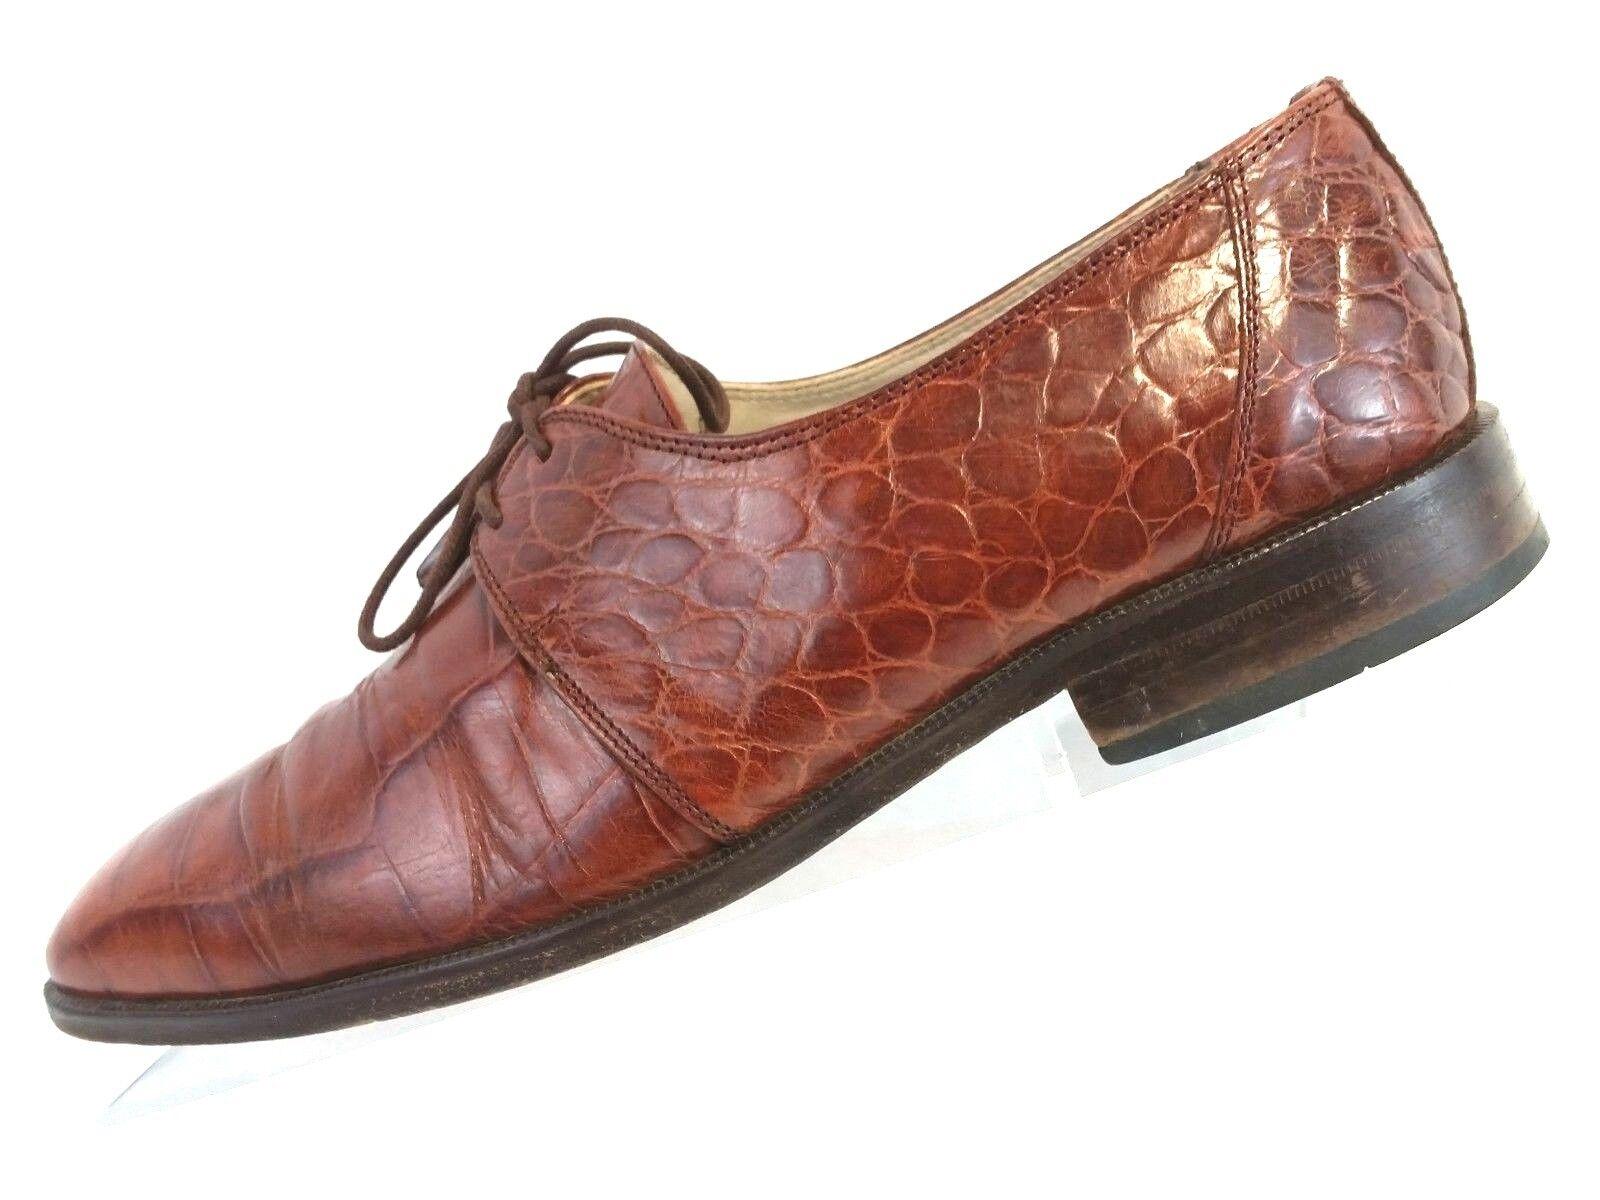 Stacy Adams Spain Uomo Whiskey Pelle Moc Croc Dress Oxford Tassels Size 8 M